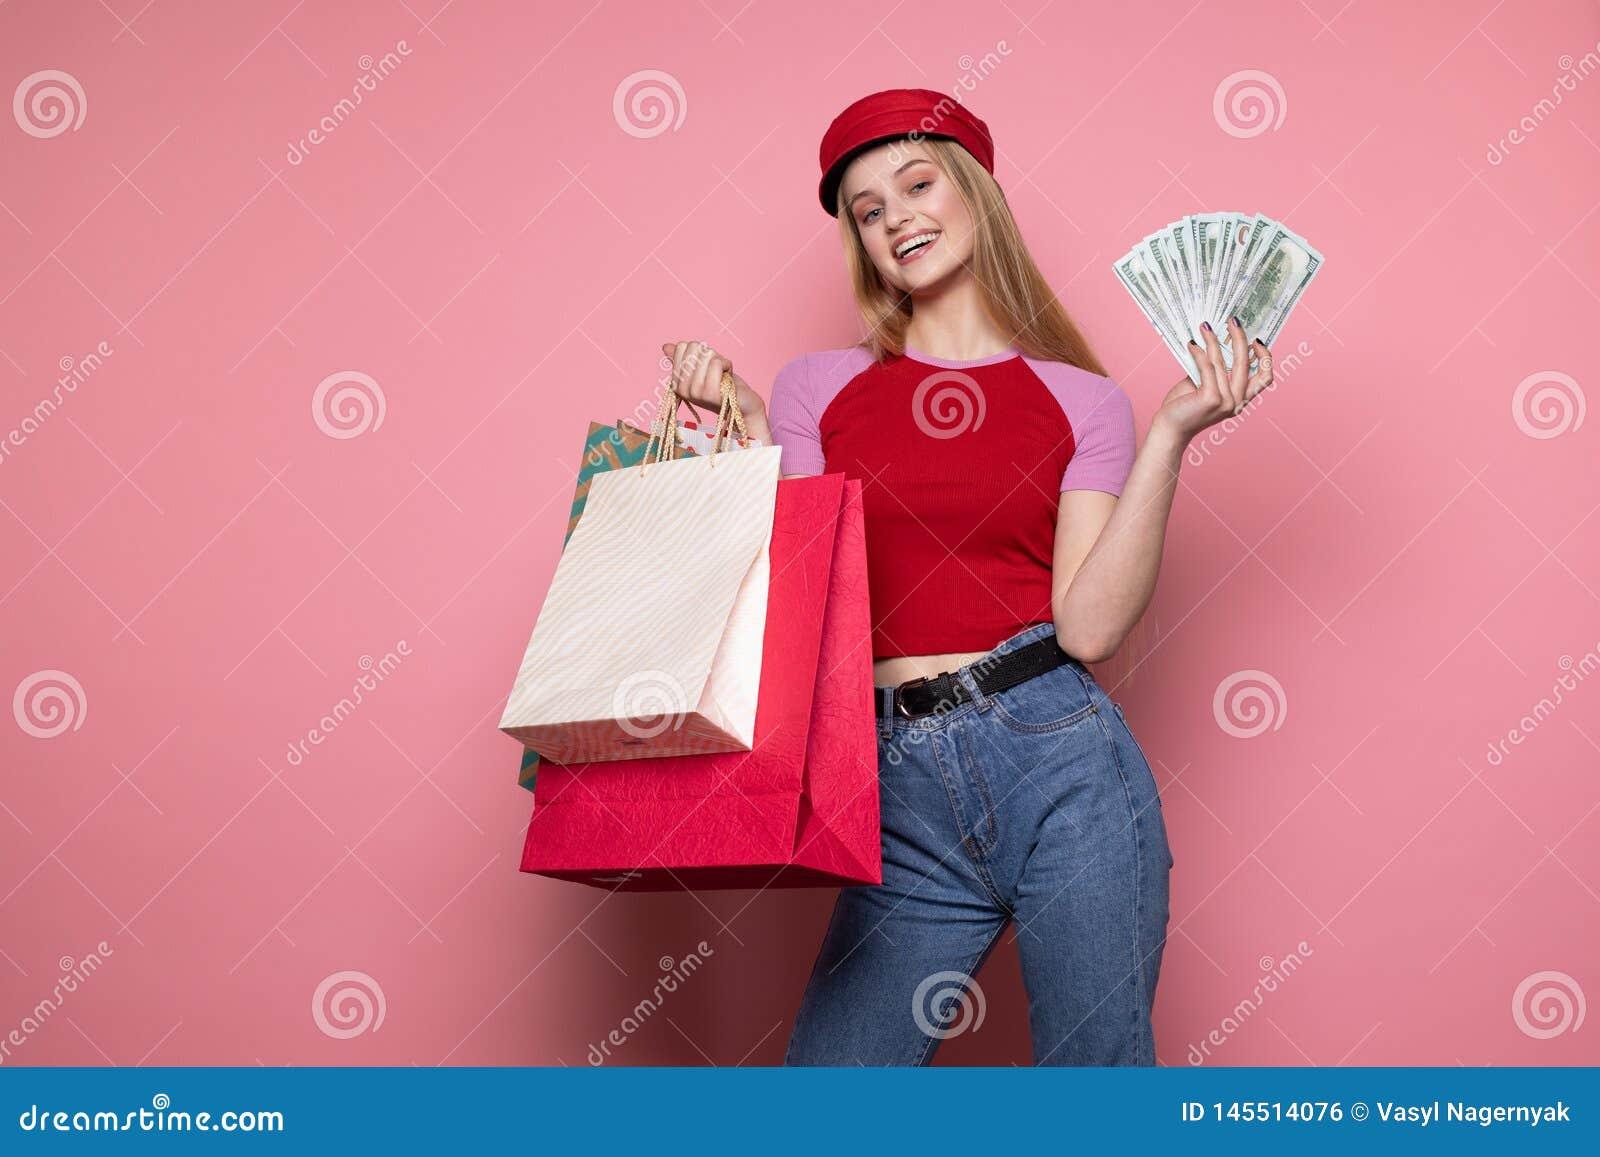 Ευτυχές χαμογελώντας κορίτσι στο καθιερώνον τη μόδα κόκκινο καπέλο που κρατά τις ζωηρόχρωμες τσάντες αγορών